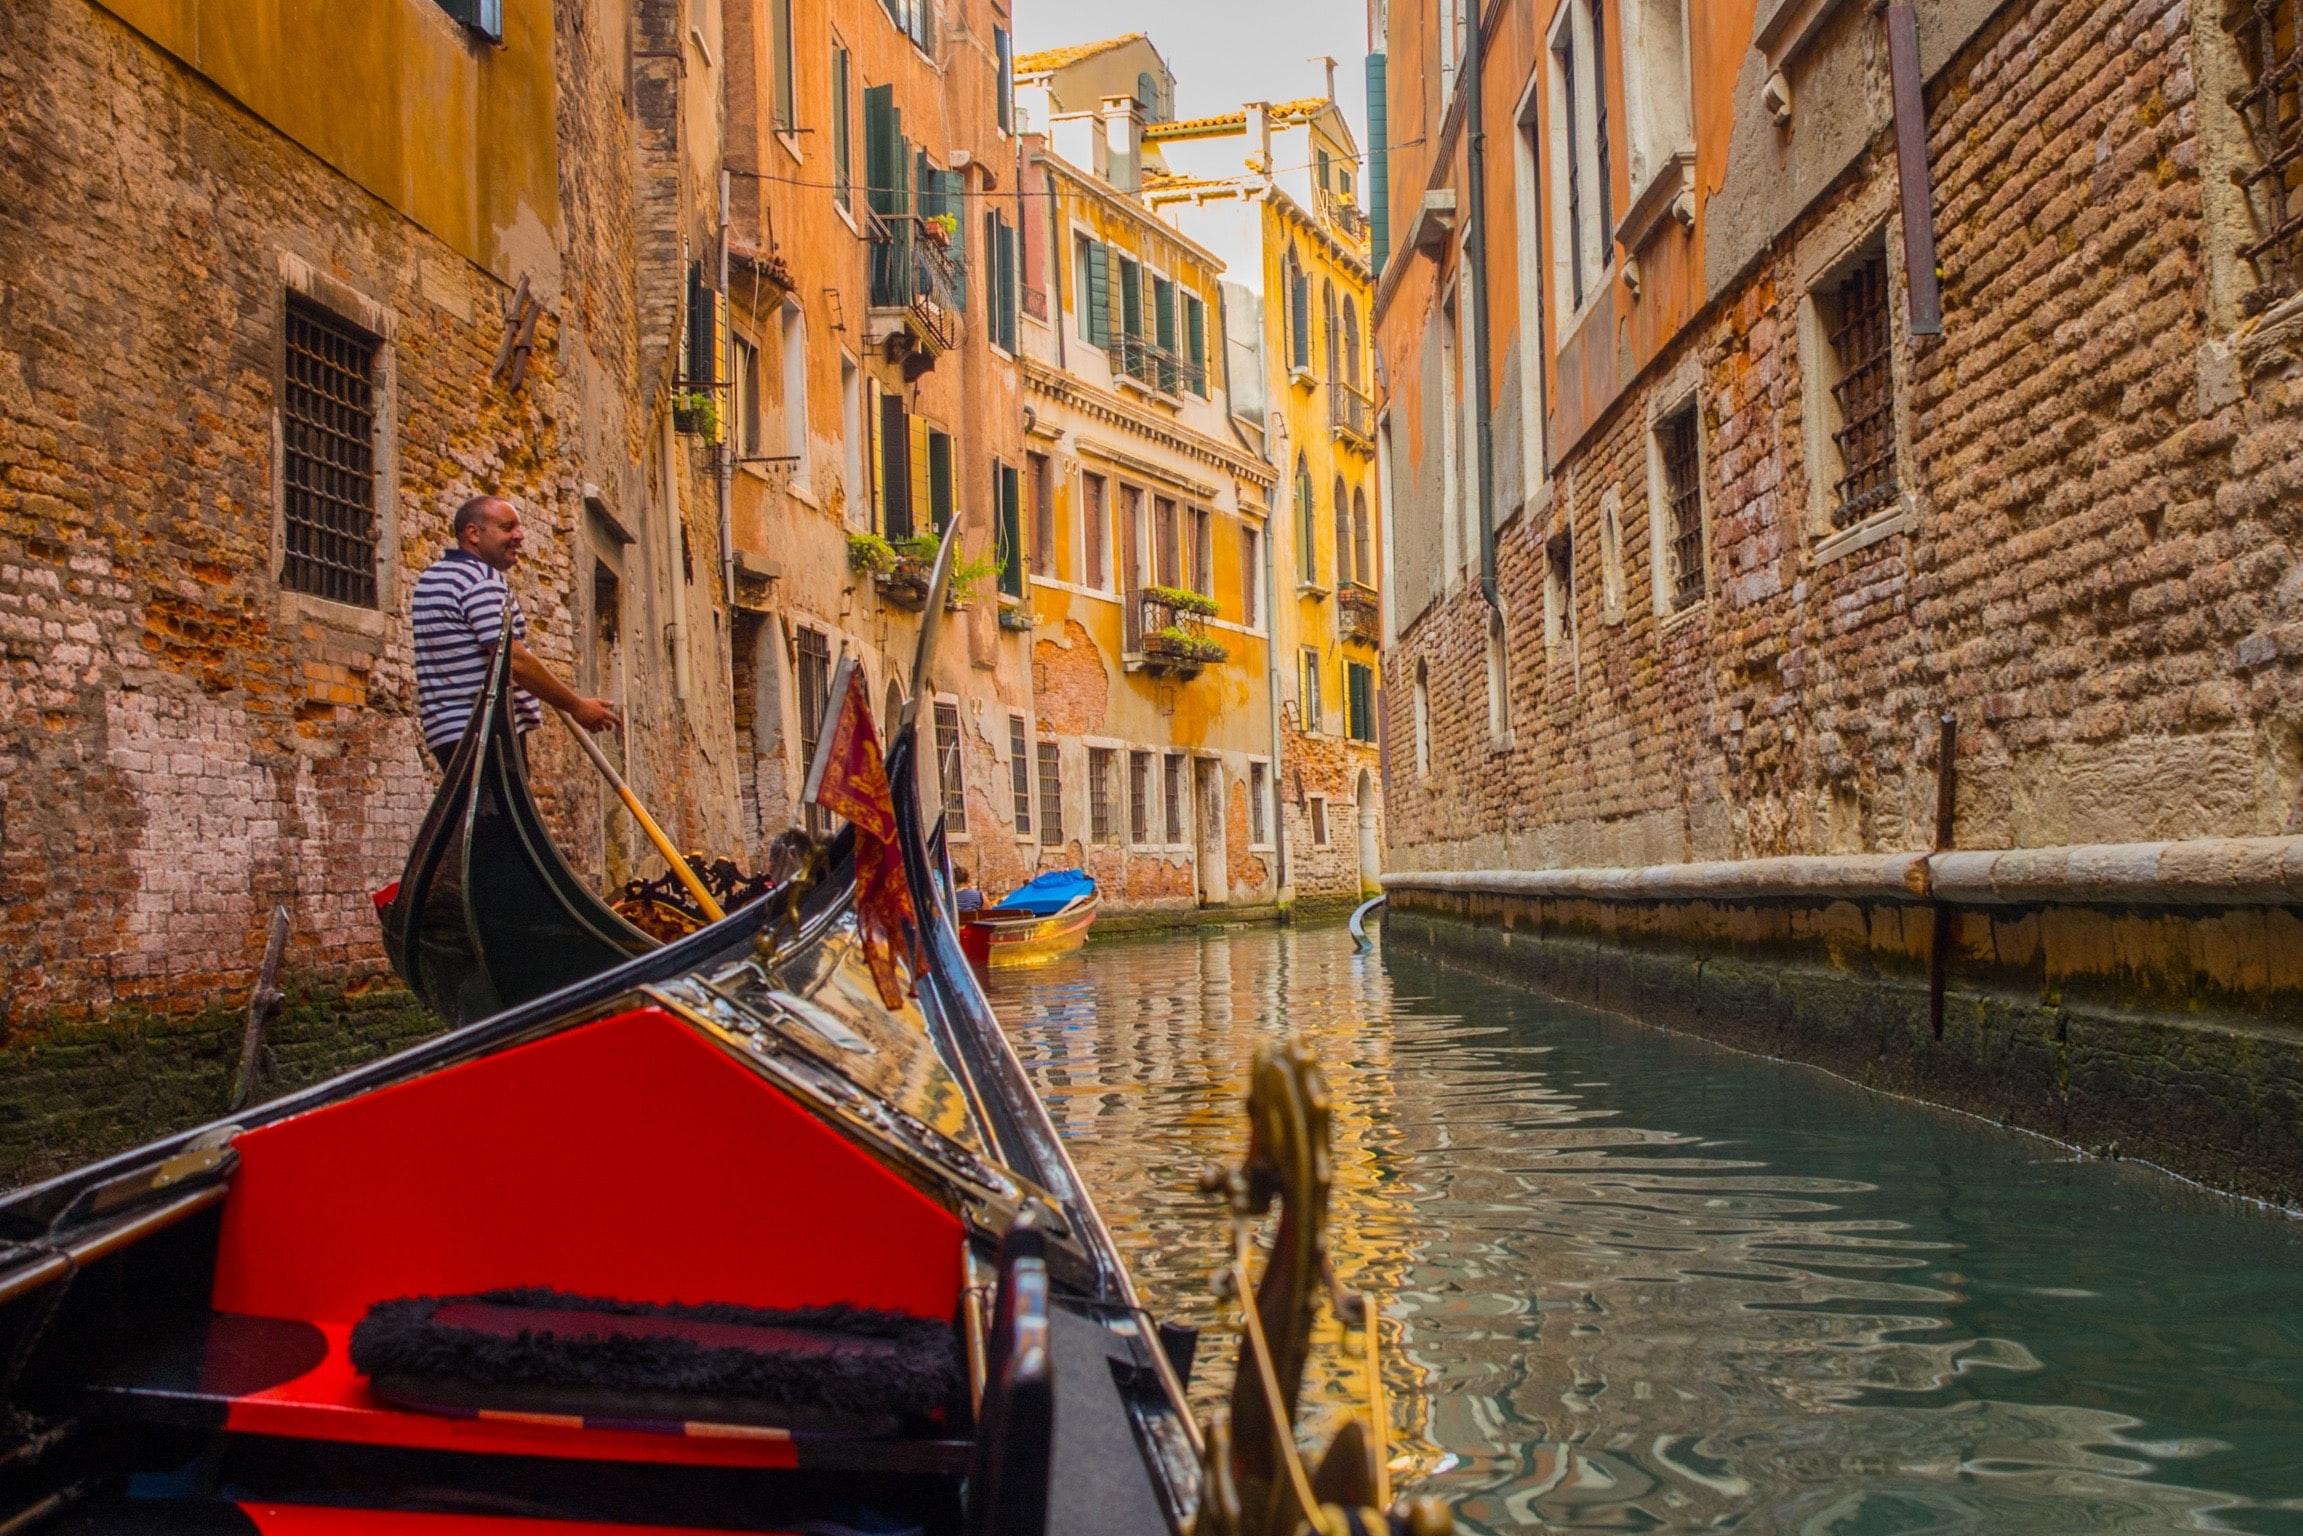 Venice in January - frame